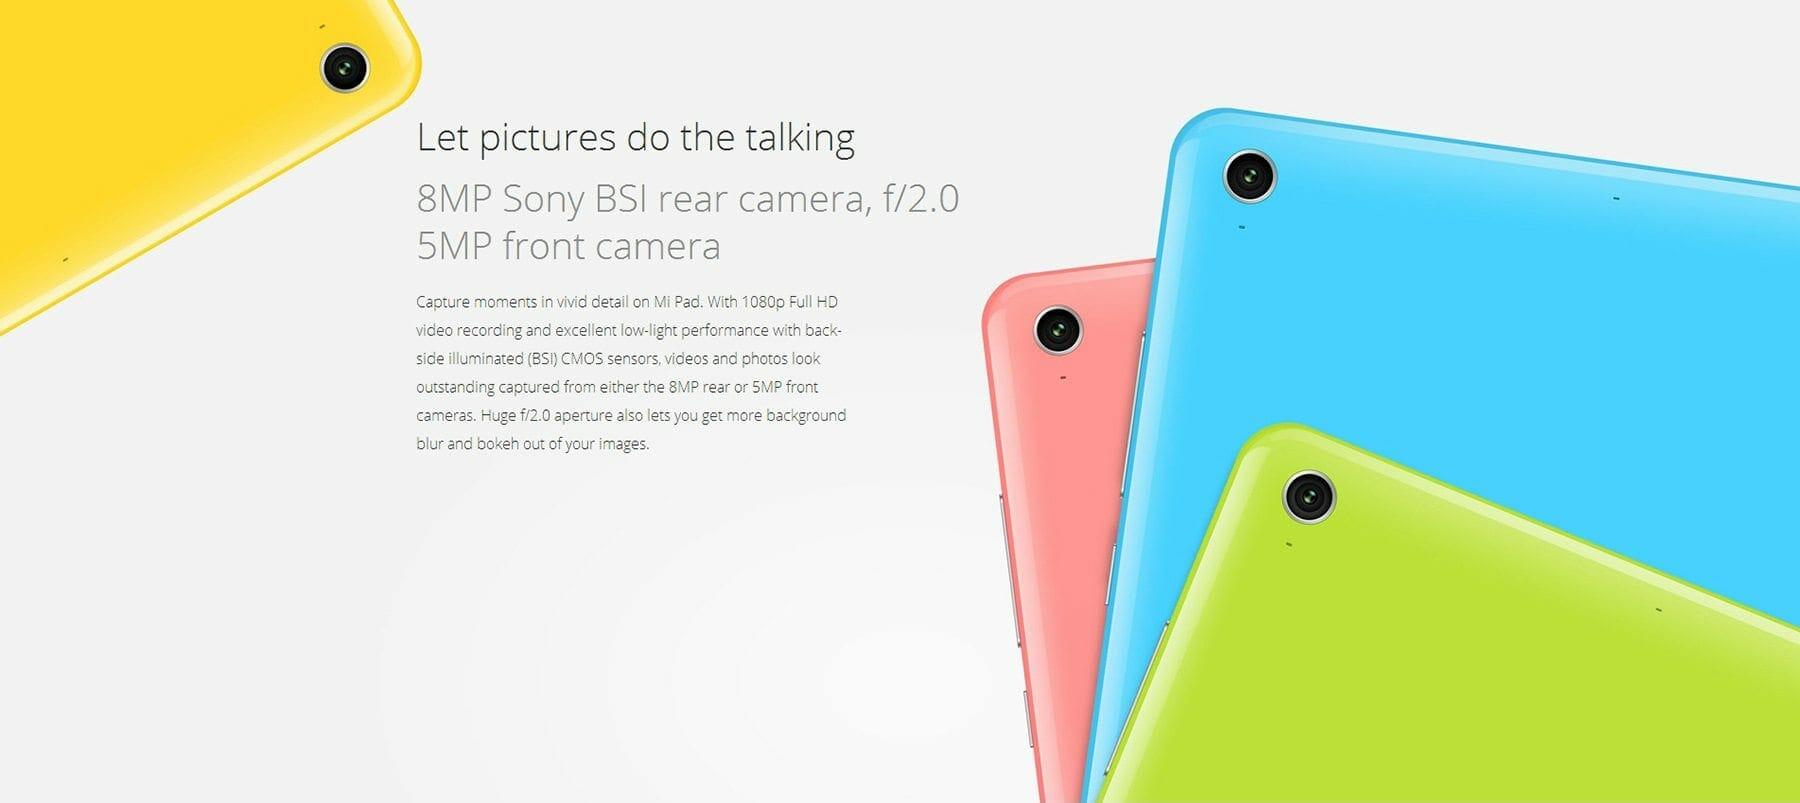 XiaoMi Mi Pad Camera - XiaoMi Mi Pad 8MP Camera, 2GB Ram and 6700 mAh Battery